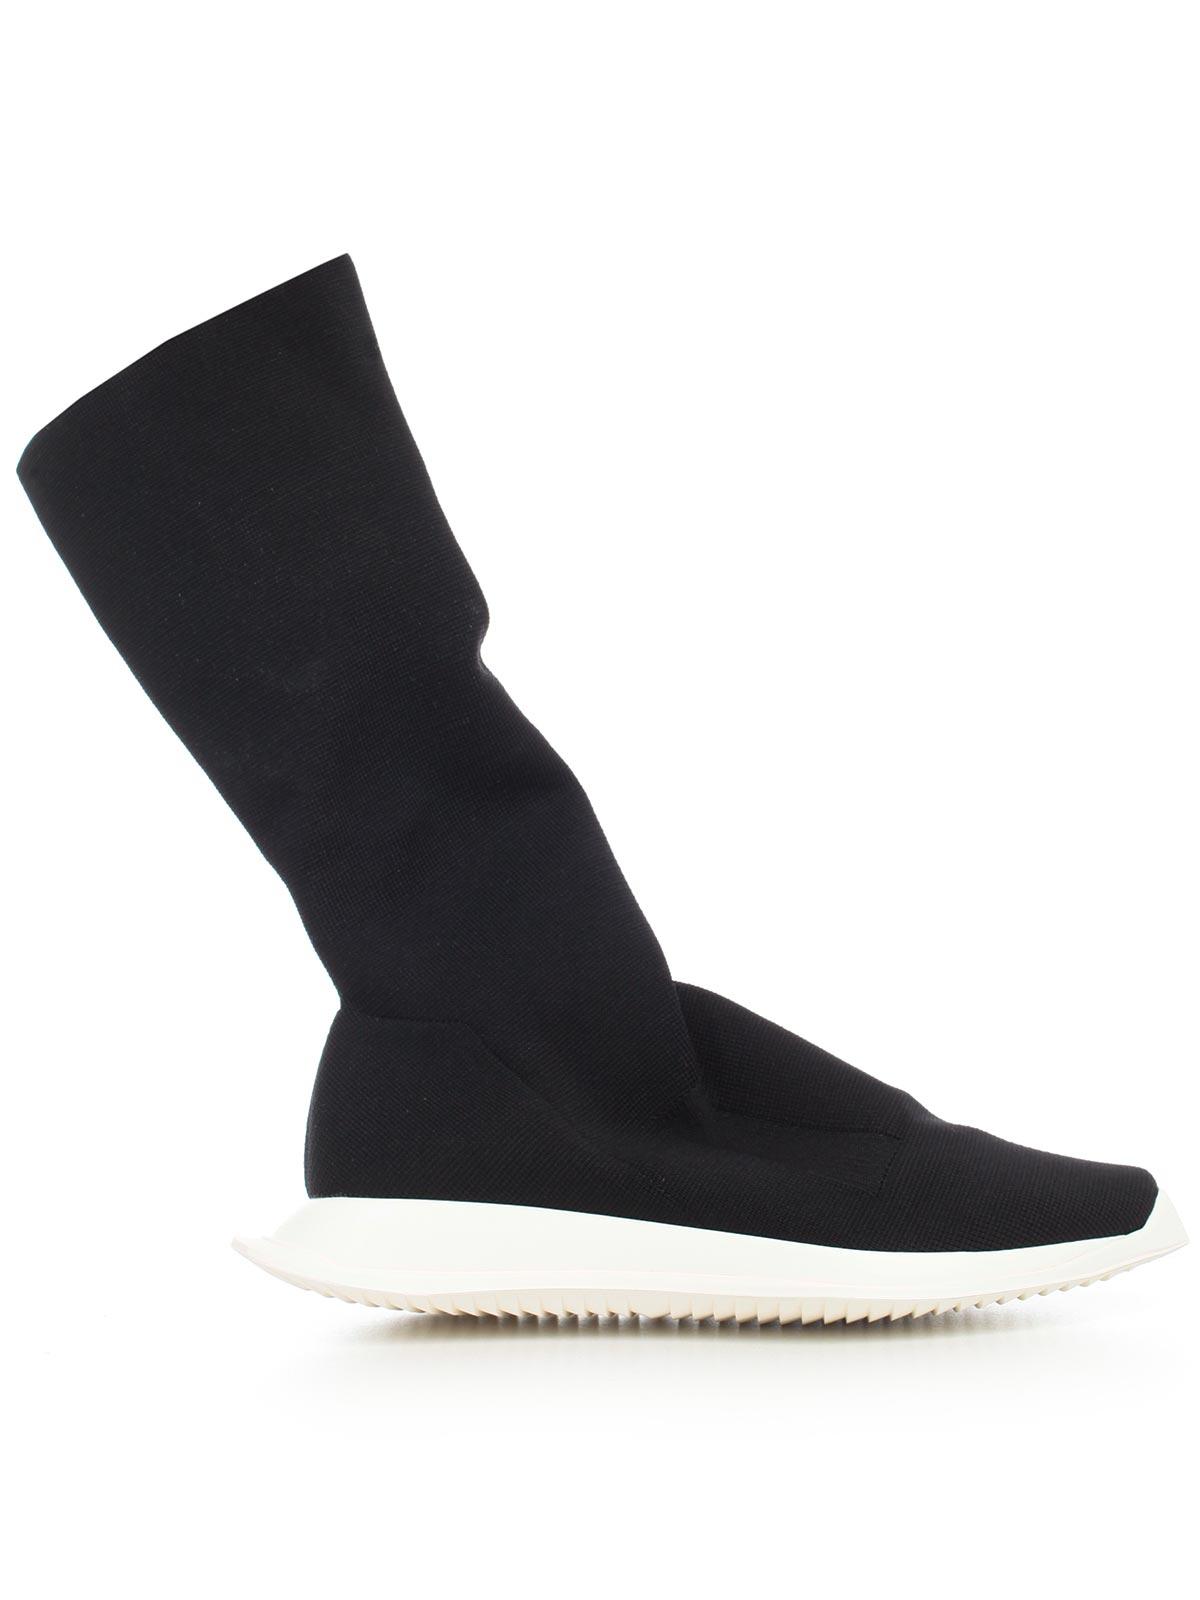 quality design d902a e36a8 Rick Owens Drkshdw Shoes